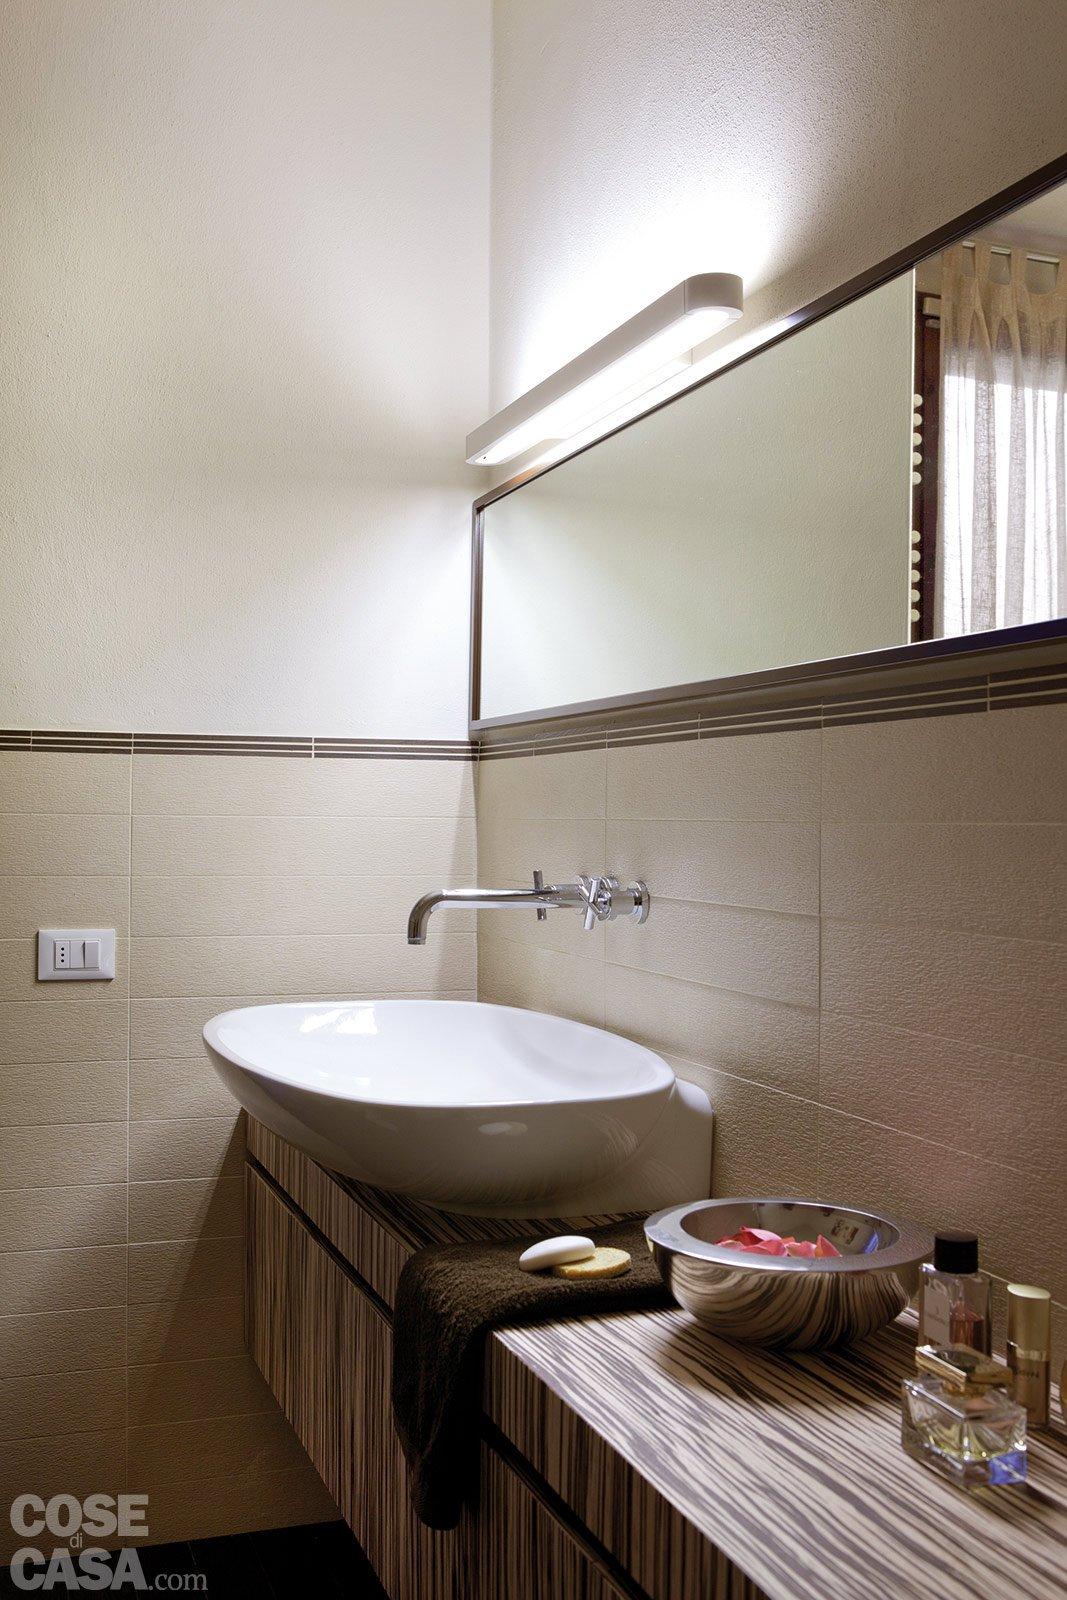 Casa pi vivibile dopo la ristrutturazione cose di casa - Altezza specchio bagno ...